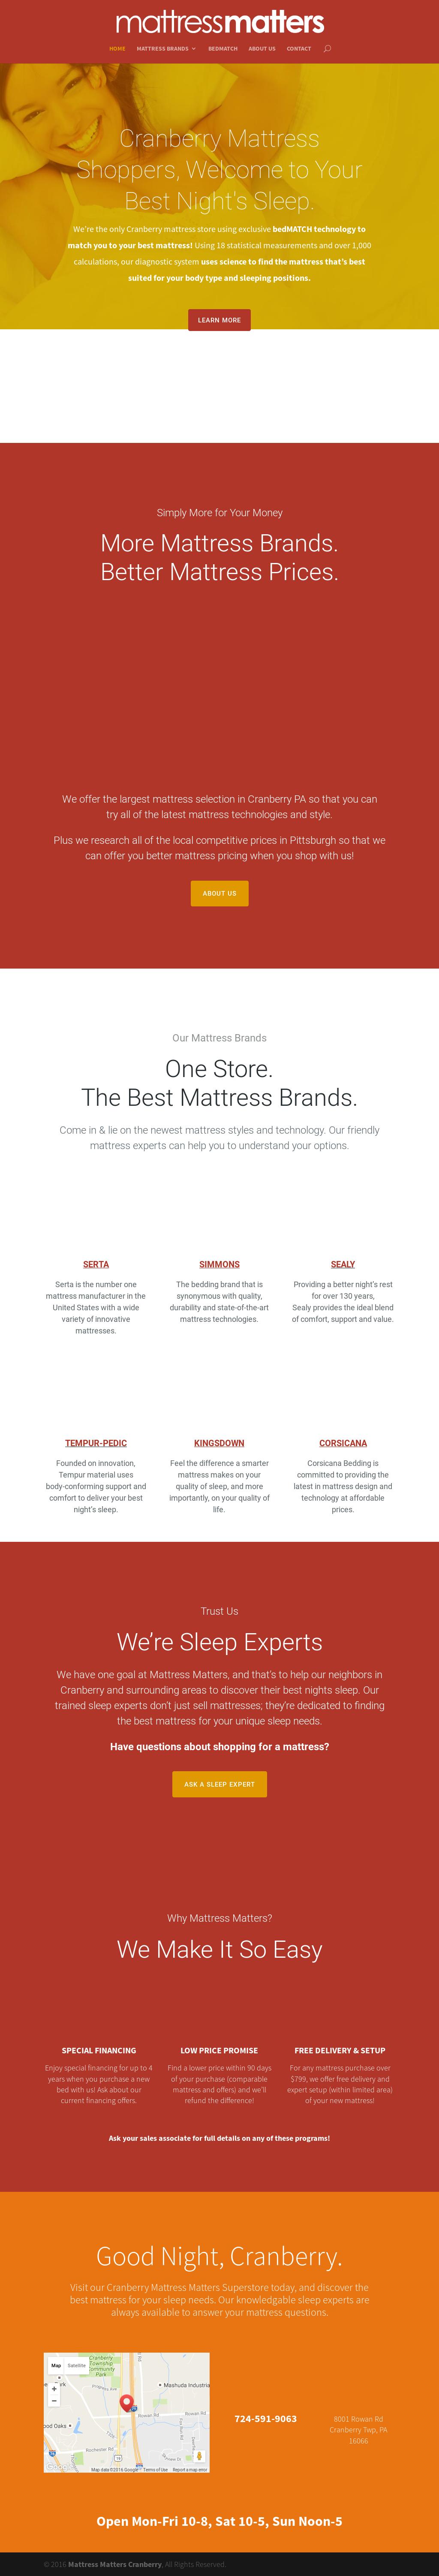 psych ot mattress on matters gallery best pinterest of images inspirational medina